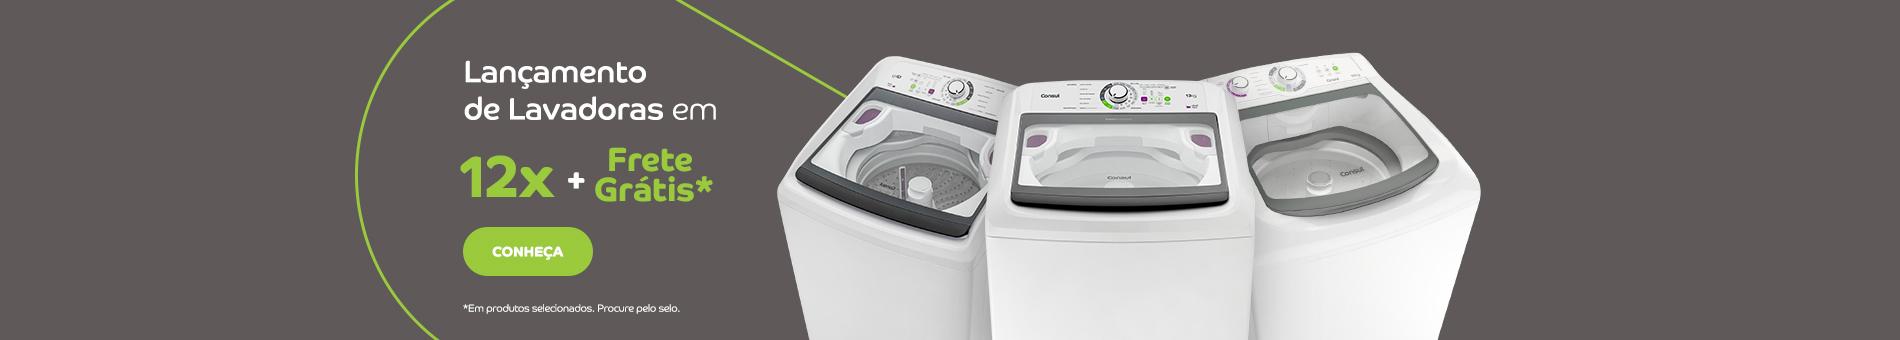 Promoção Interna - 2199 - camp-consul_lancamento-lavadoras_14112017_home5 - lancamento-lavadoras - 5